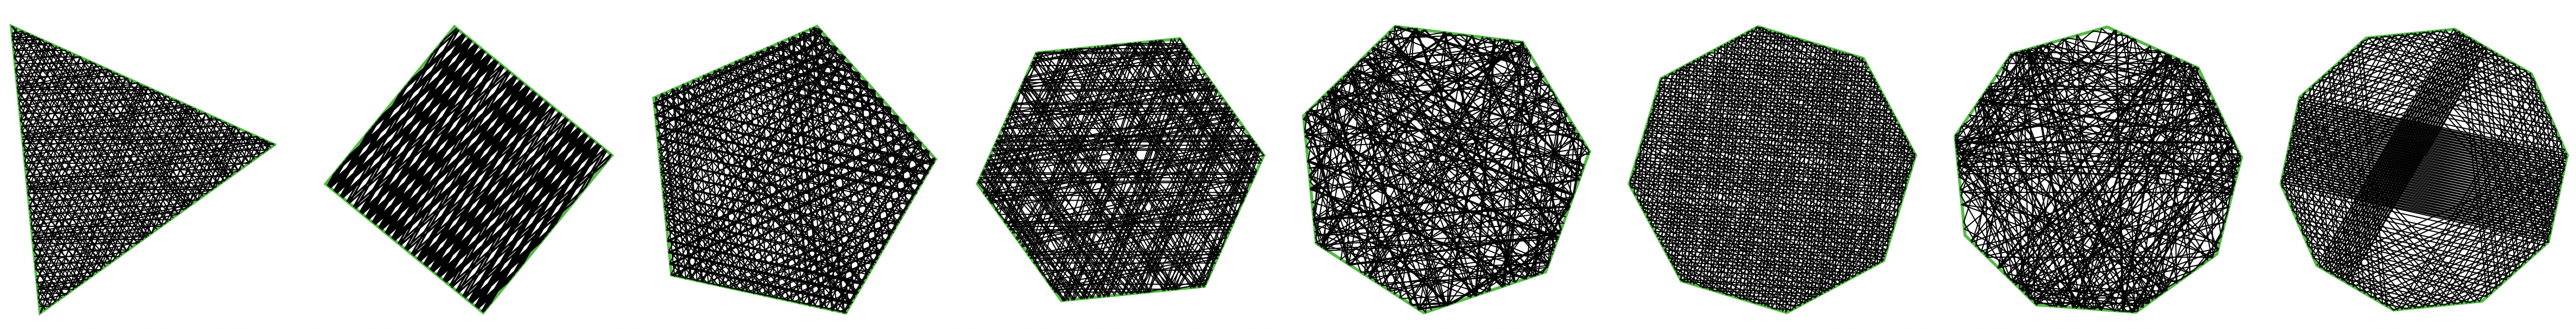 Billiard Polygon Array